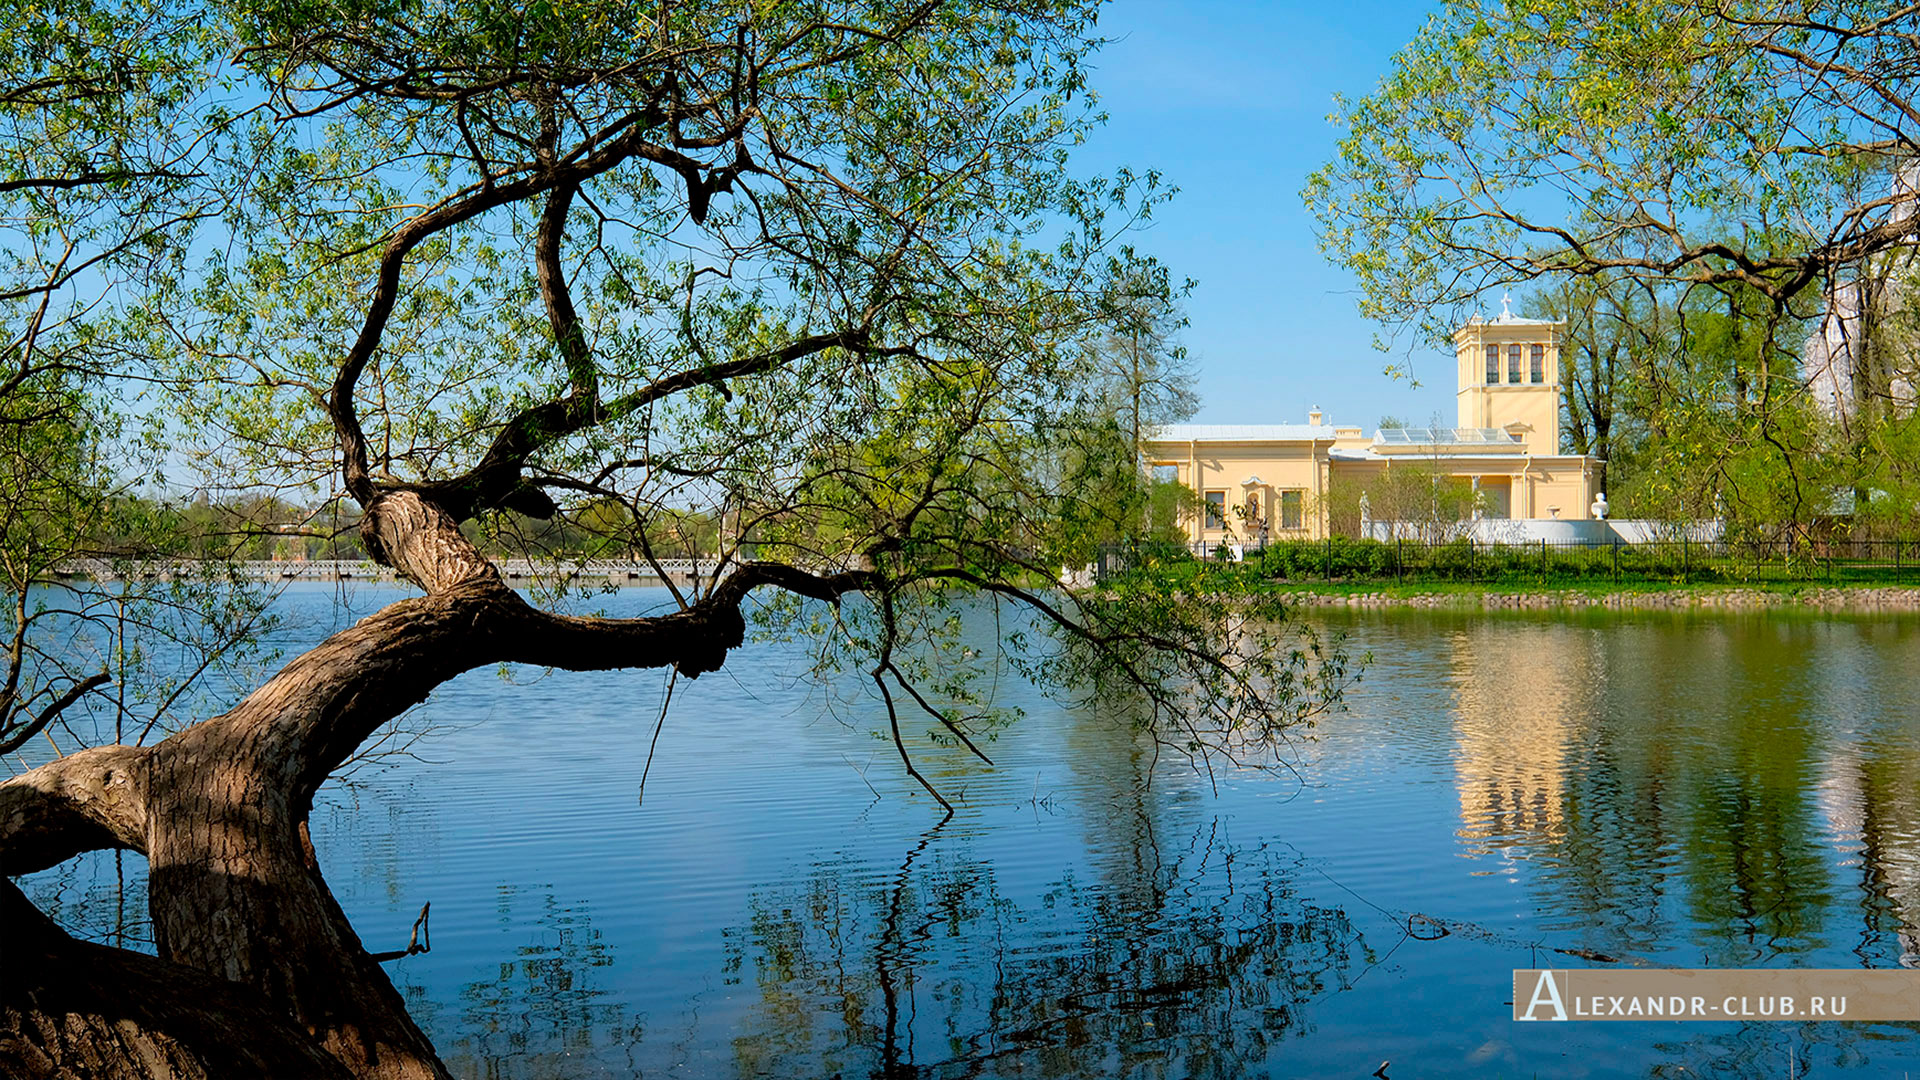 Петергоф, Колонистский парк, весна, Царицын павильон – 3